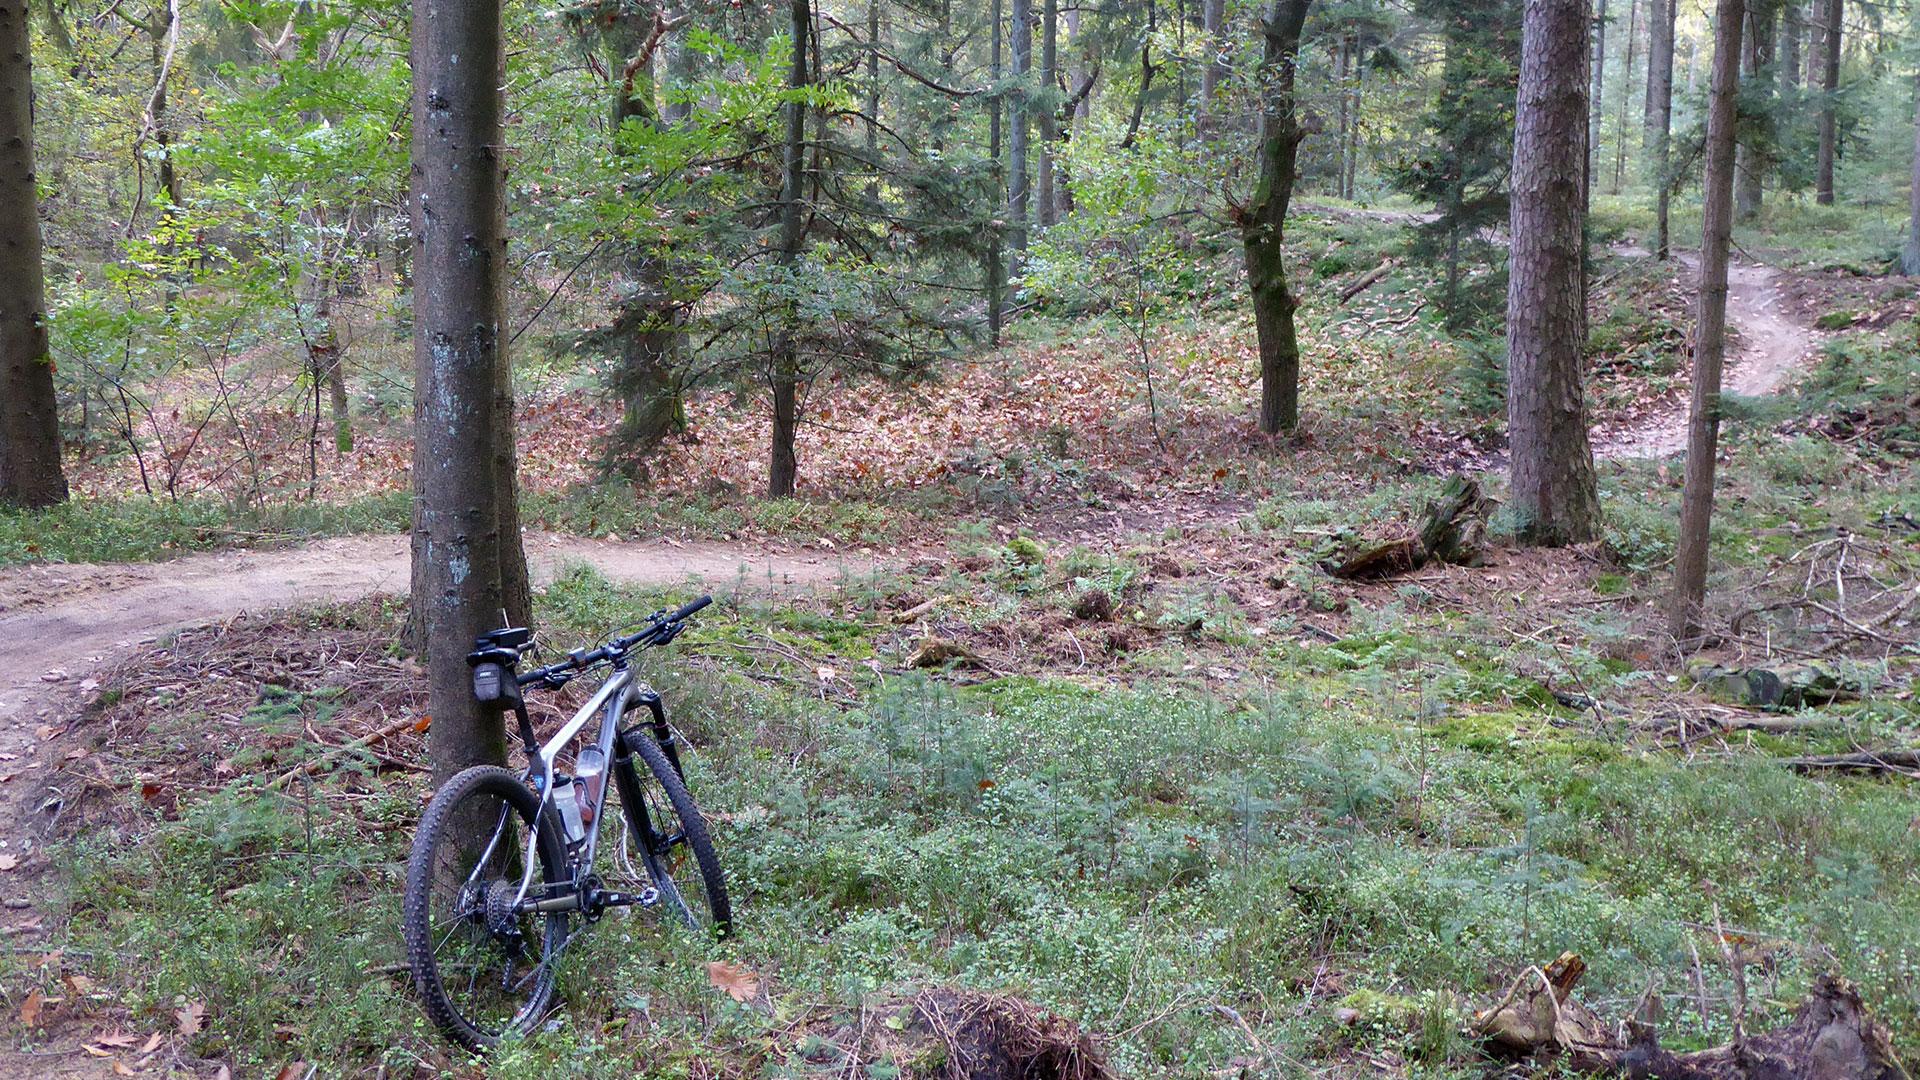 Mountainbikeroutes op de Zuid-Veluwe (update): veel werk verzet